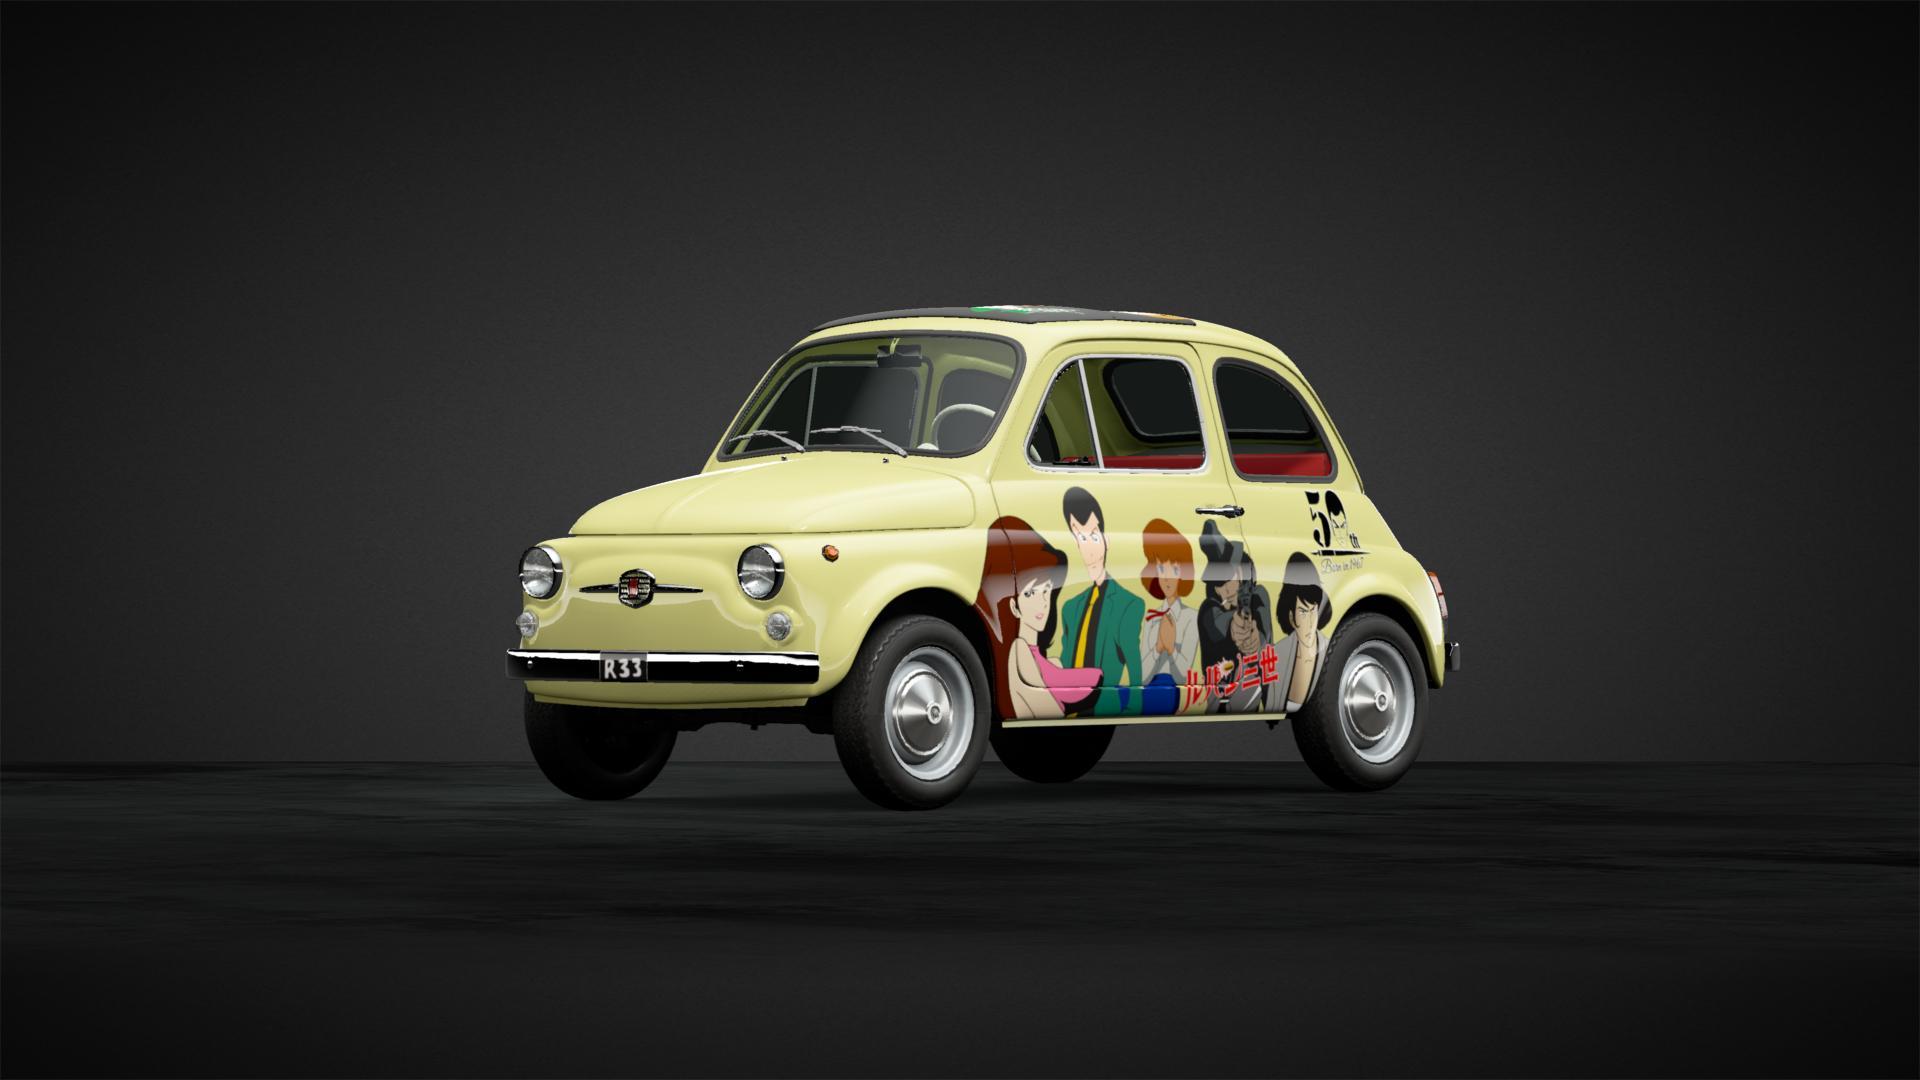 ルパン三世 カリオストロの城バージョンbyルーフin銭形 ルパン Car